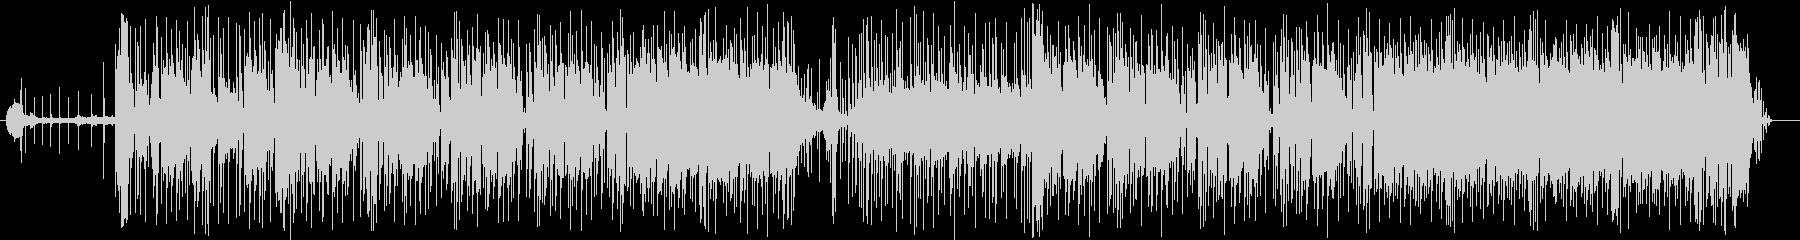 奇妙で不思議な緩やかビートサウンドの未再生の波形